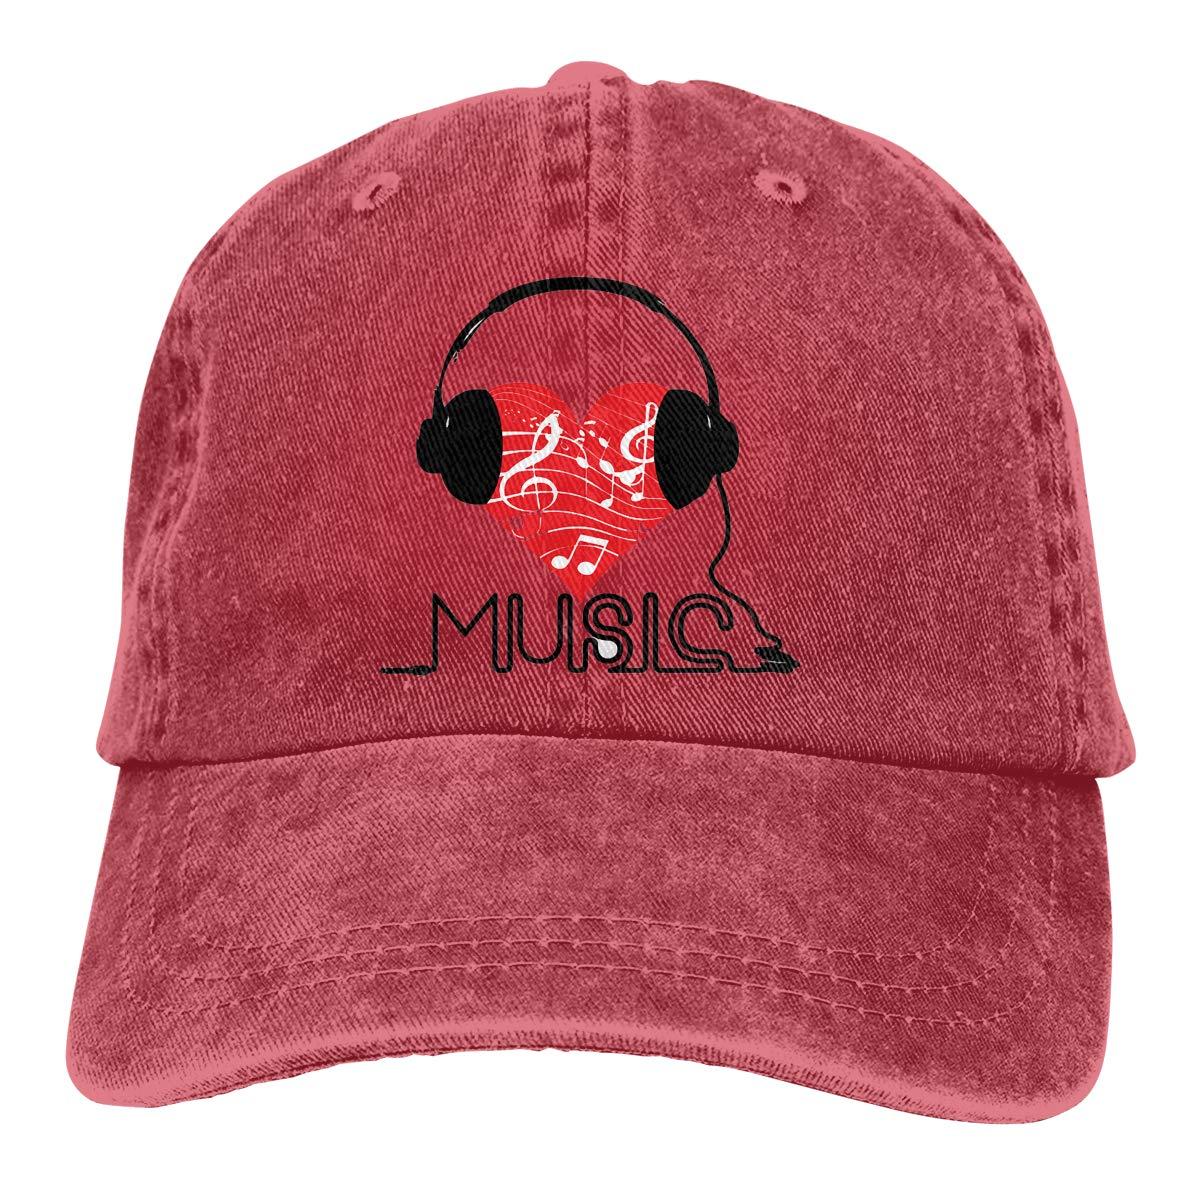 Adult Unisex Jeans Cap Adjustable Hat Love Music Cotton Denim